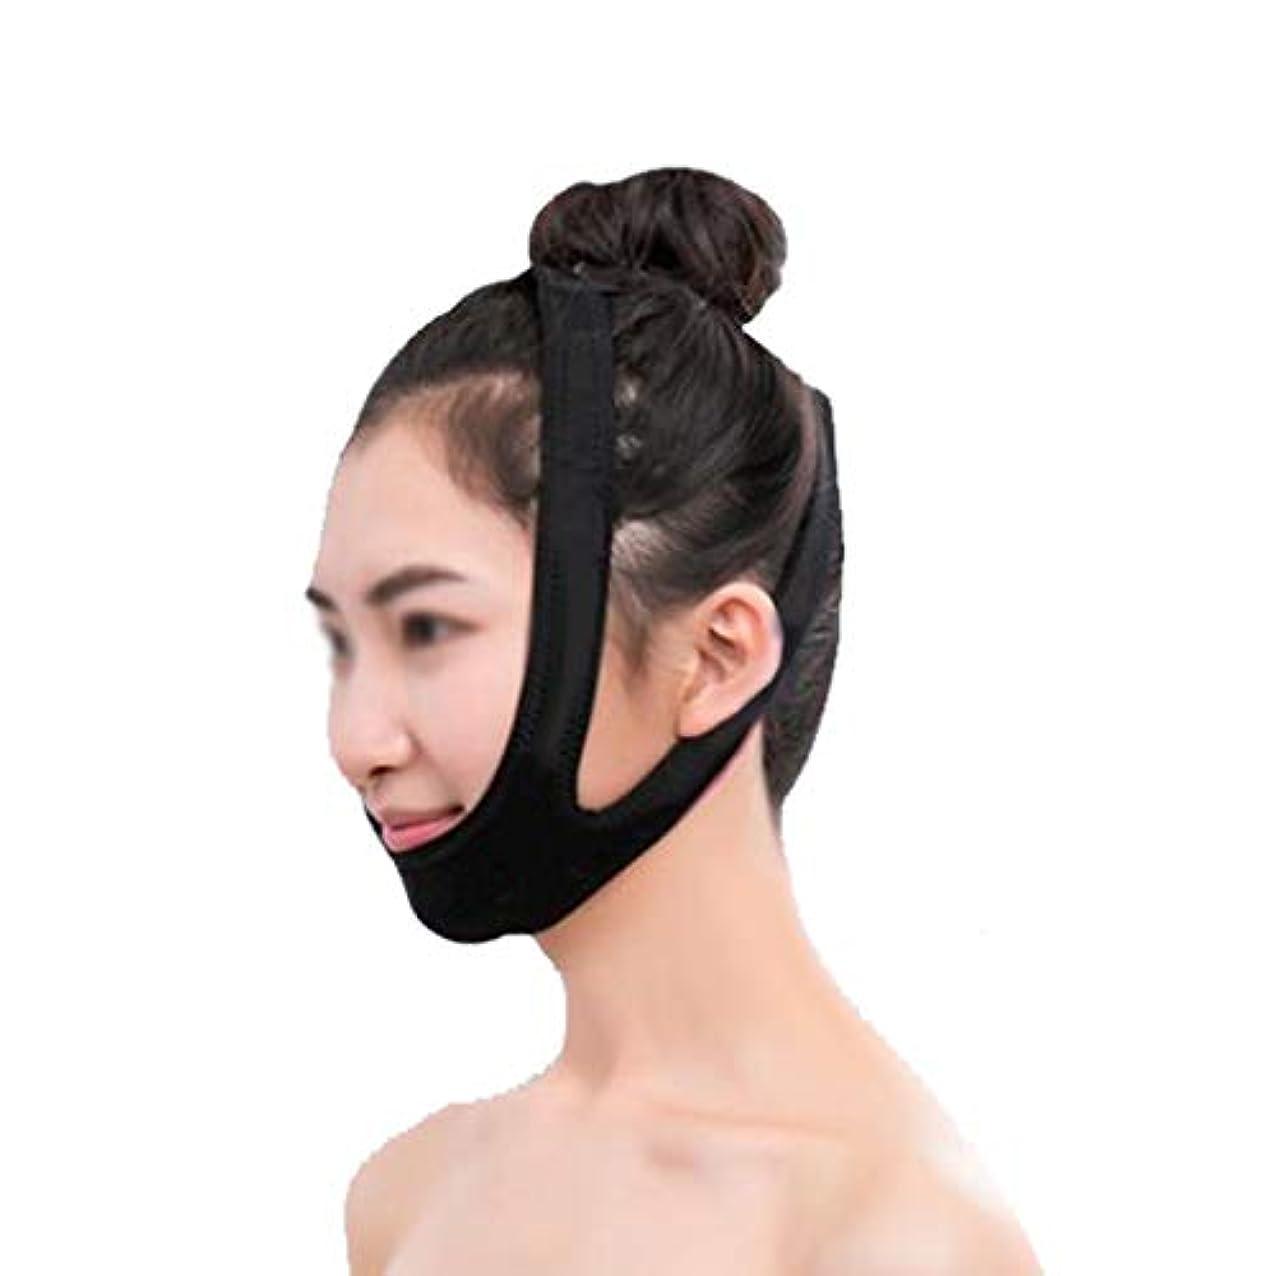 見つける単調な興奮ZWBD フェイスマスク, 薄いフェイスマスクフェイスリフトアーティファクトマスクVフェイスリフティングタイトな包帯女性ライン彫刻回復顔ダブル